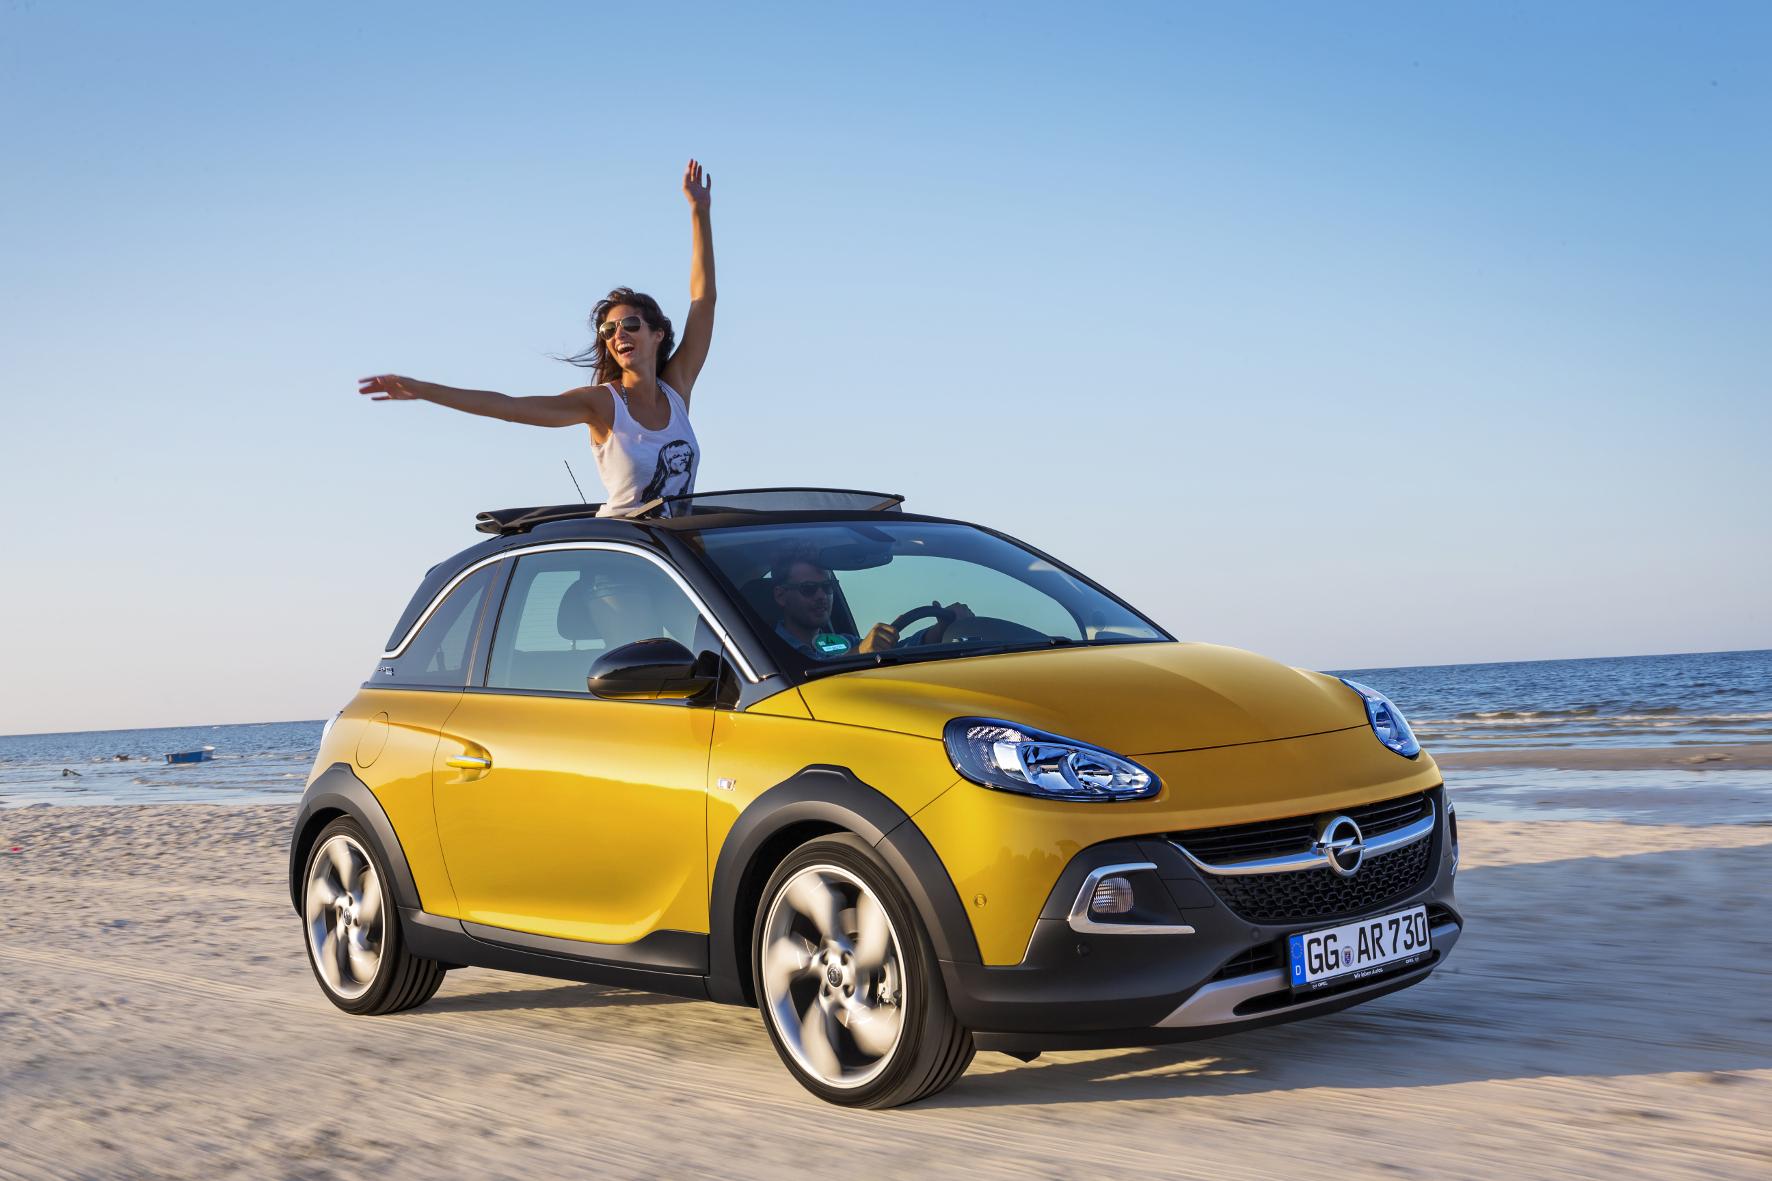 mid Groß-Gerau - Auf zu neuen Ufern: Der wiedererstarkte Traditions-Autobauer Opel hat die größte Modelloffensive in der Markenhistorie vor der Brust.